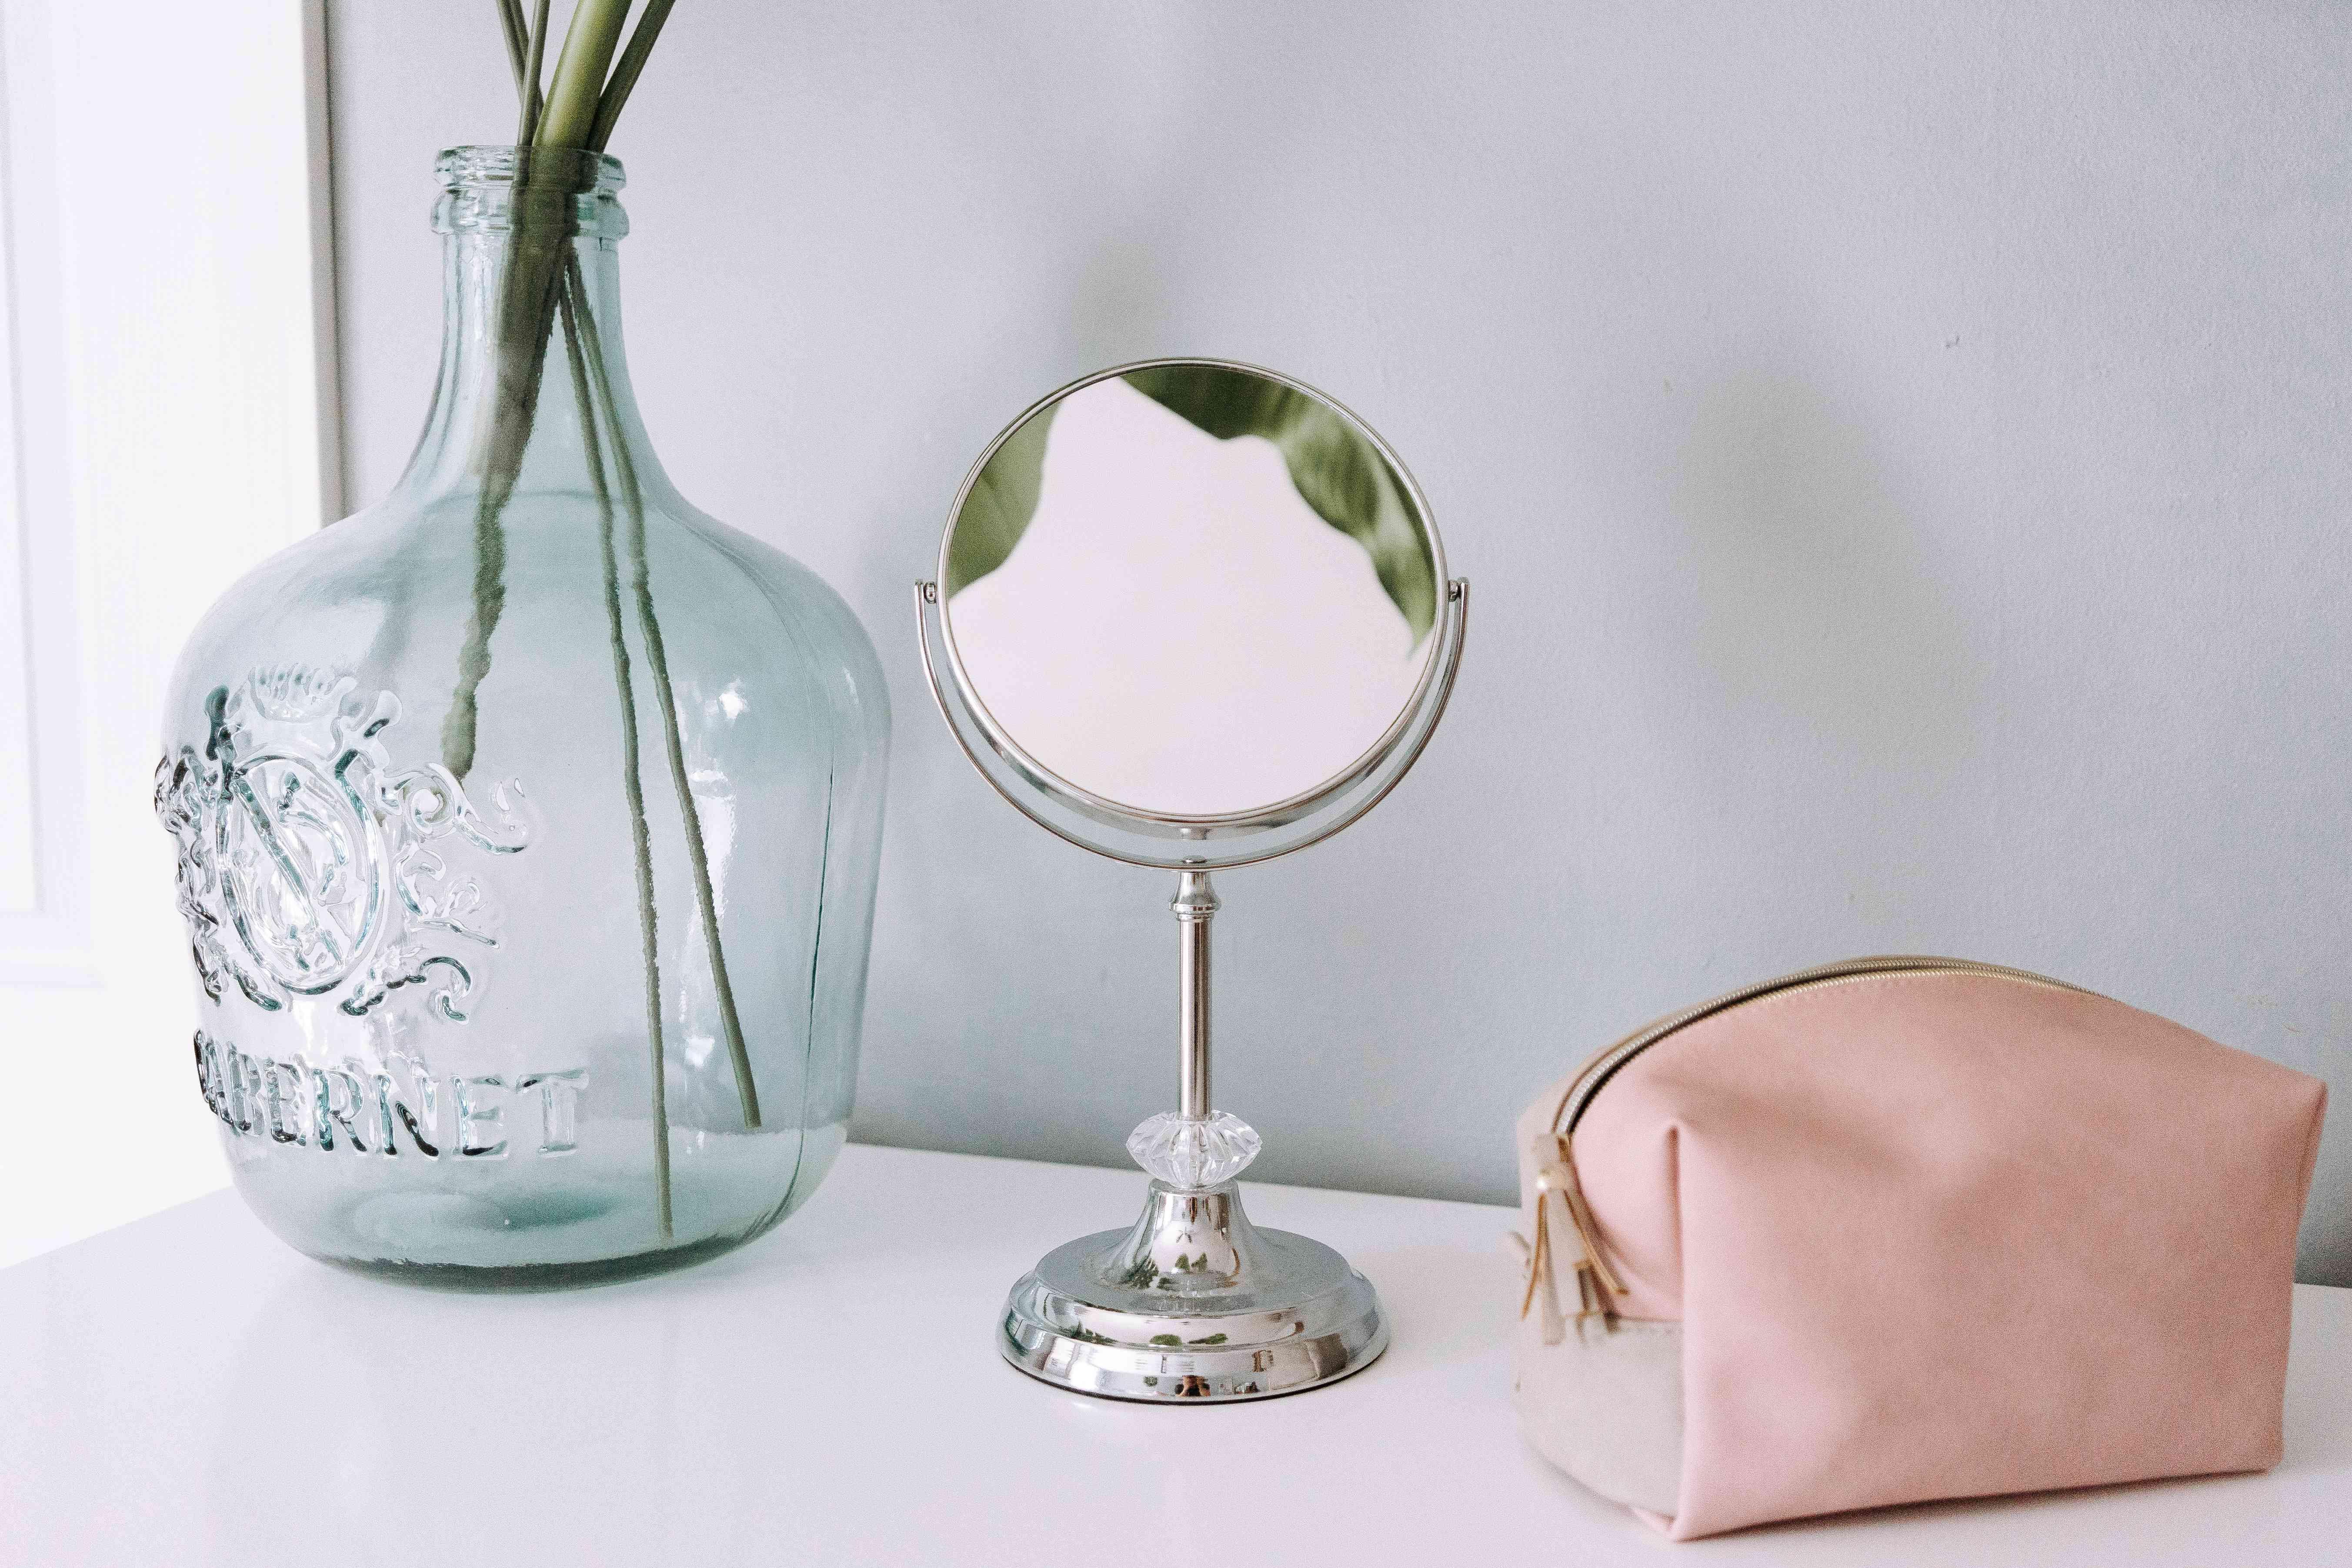 makeup mirror and bag